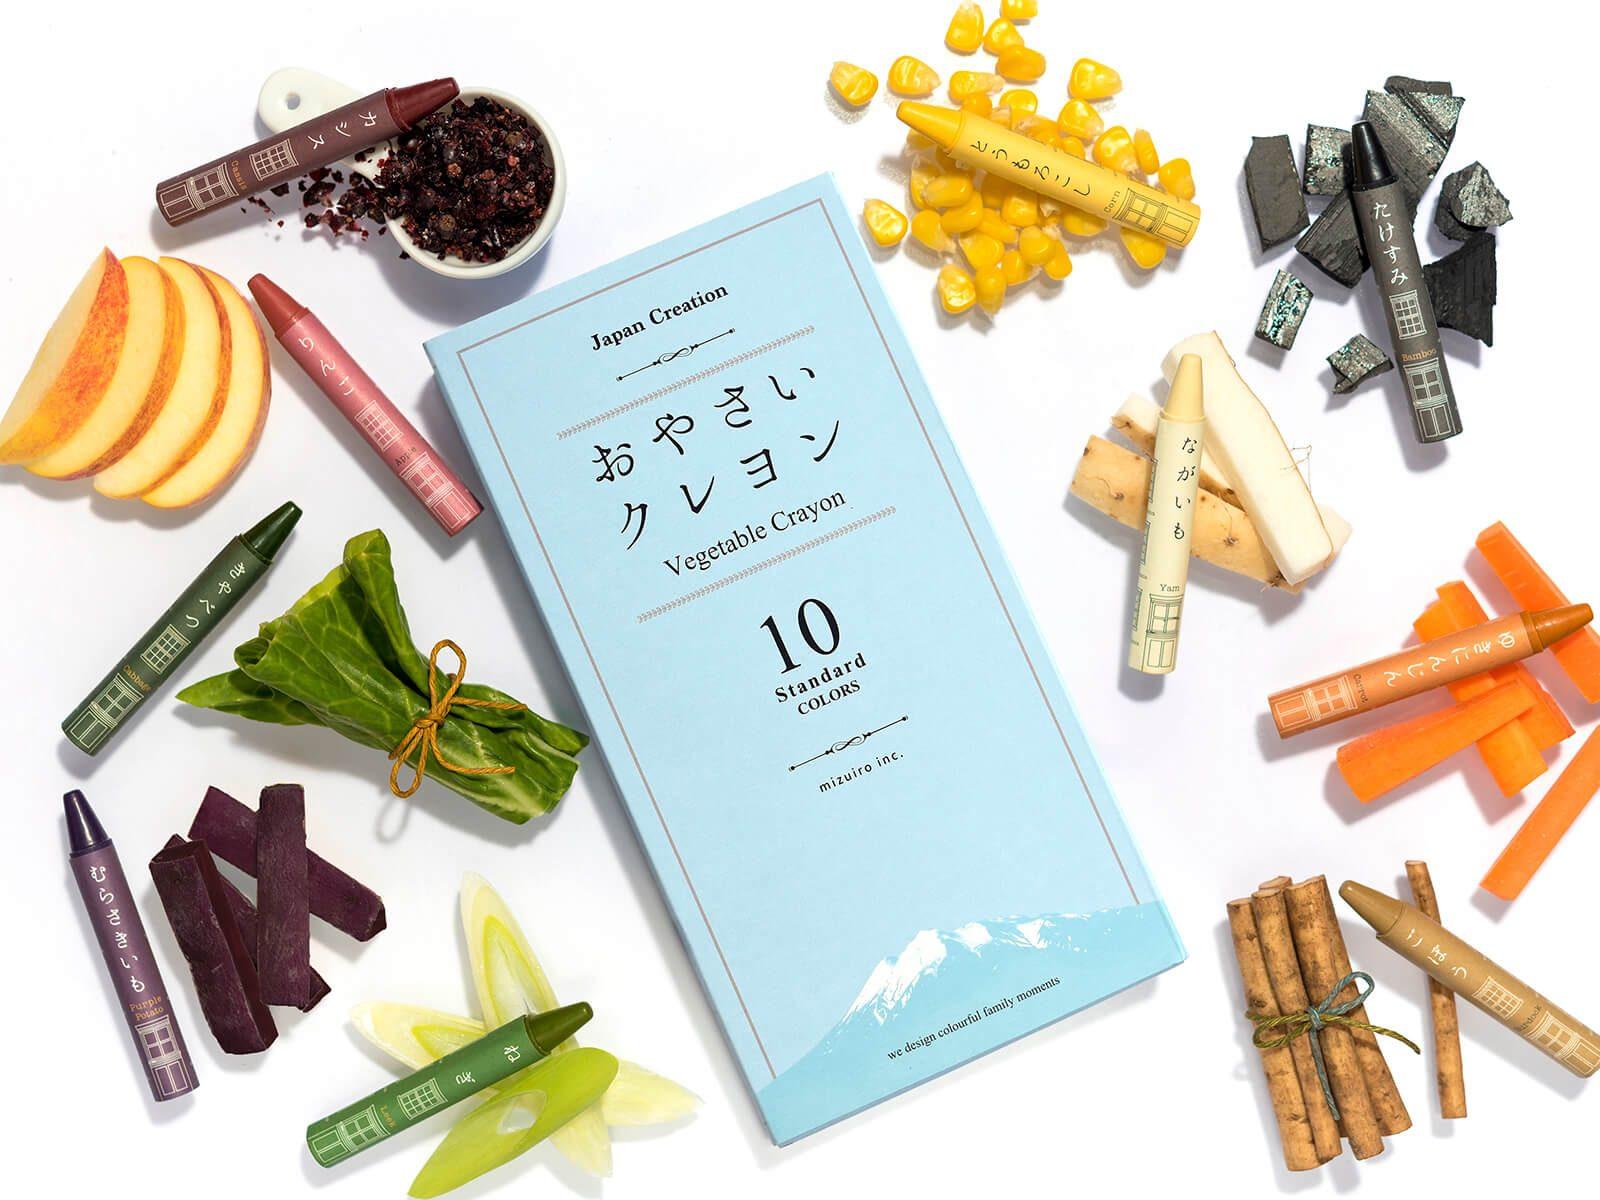 Oyasai Crayons, i pastelli giapponesi nati da patate, carote e altri scarti